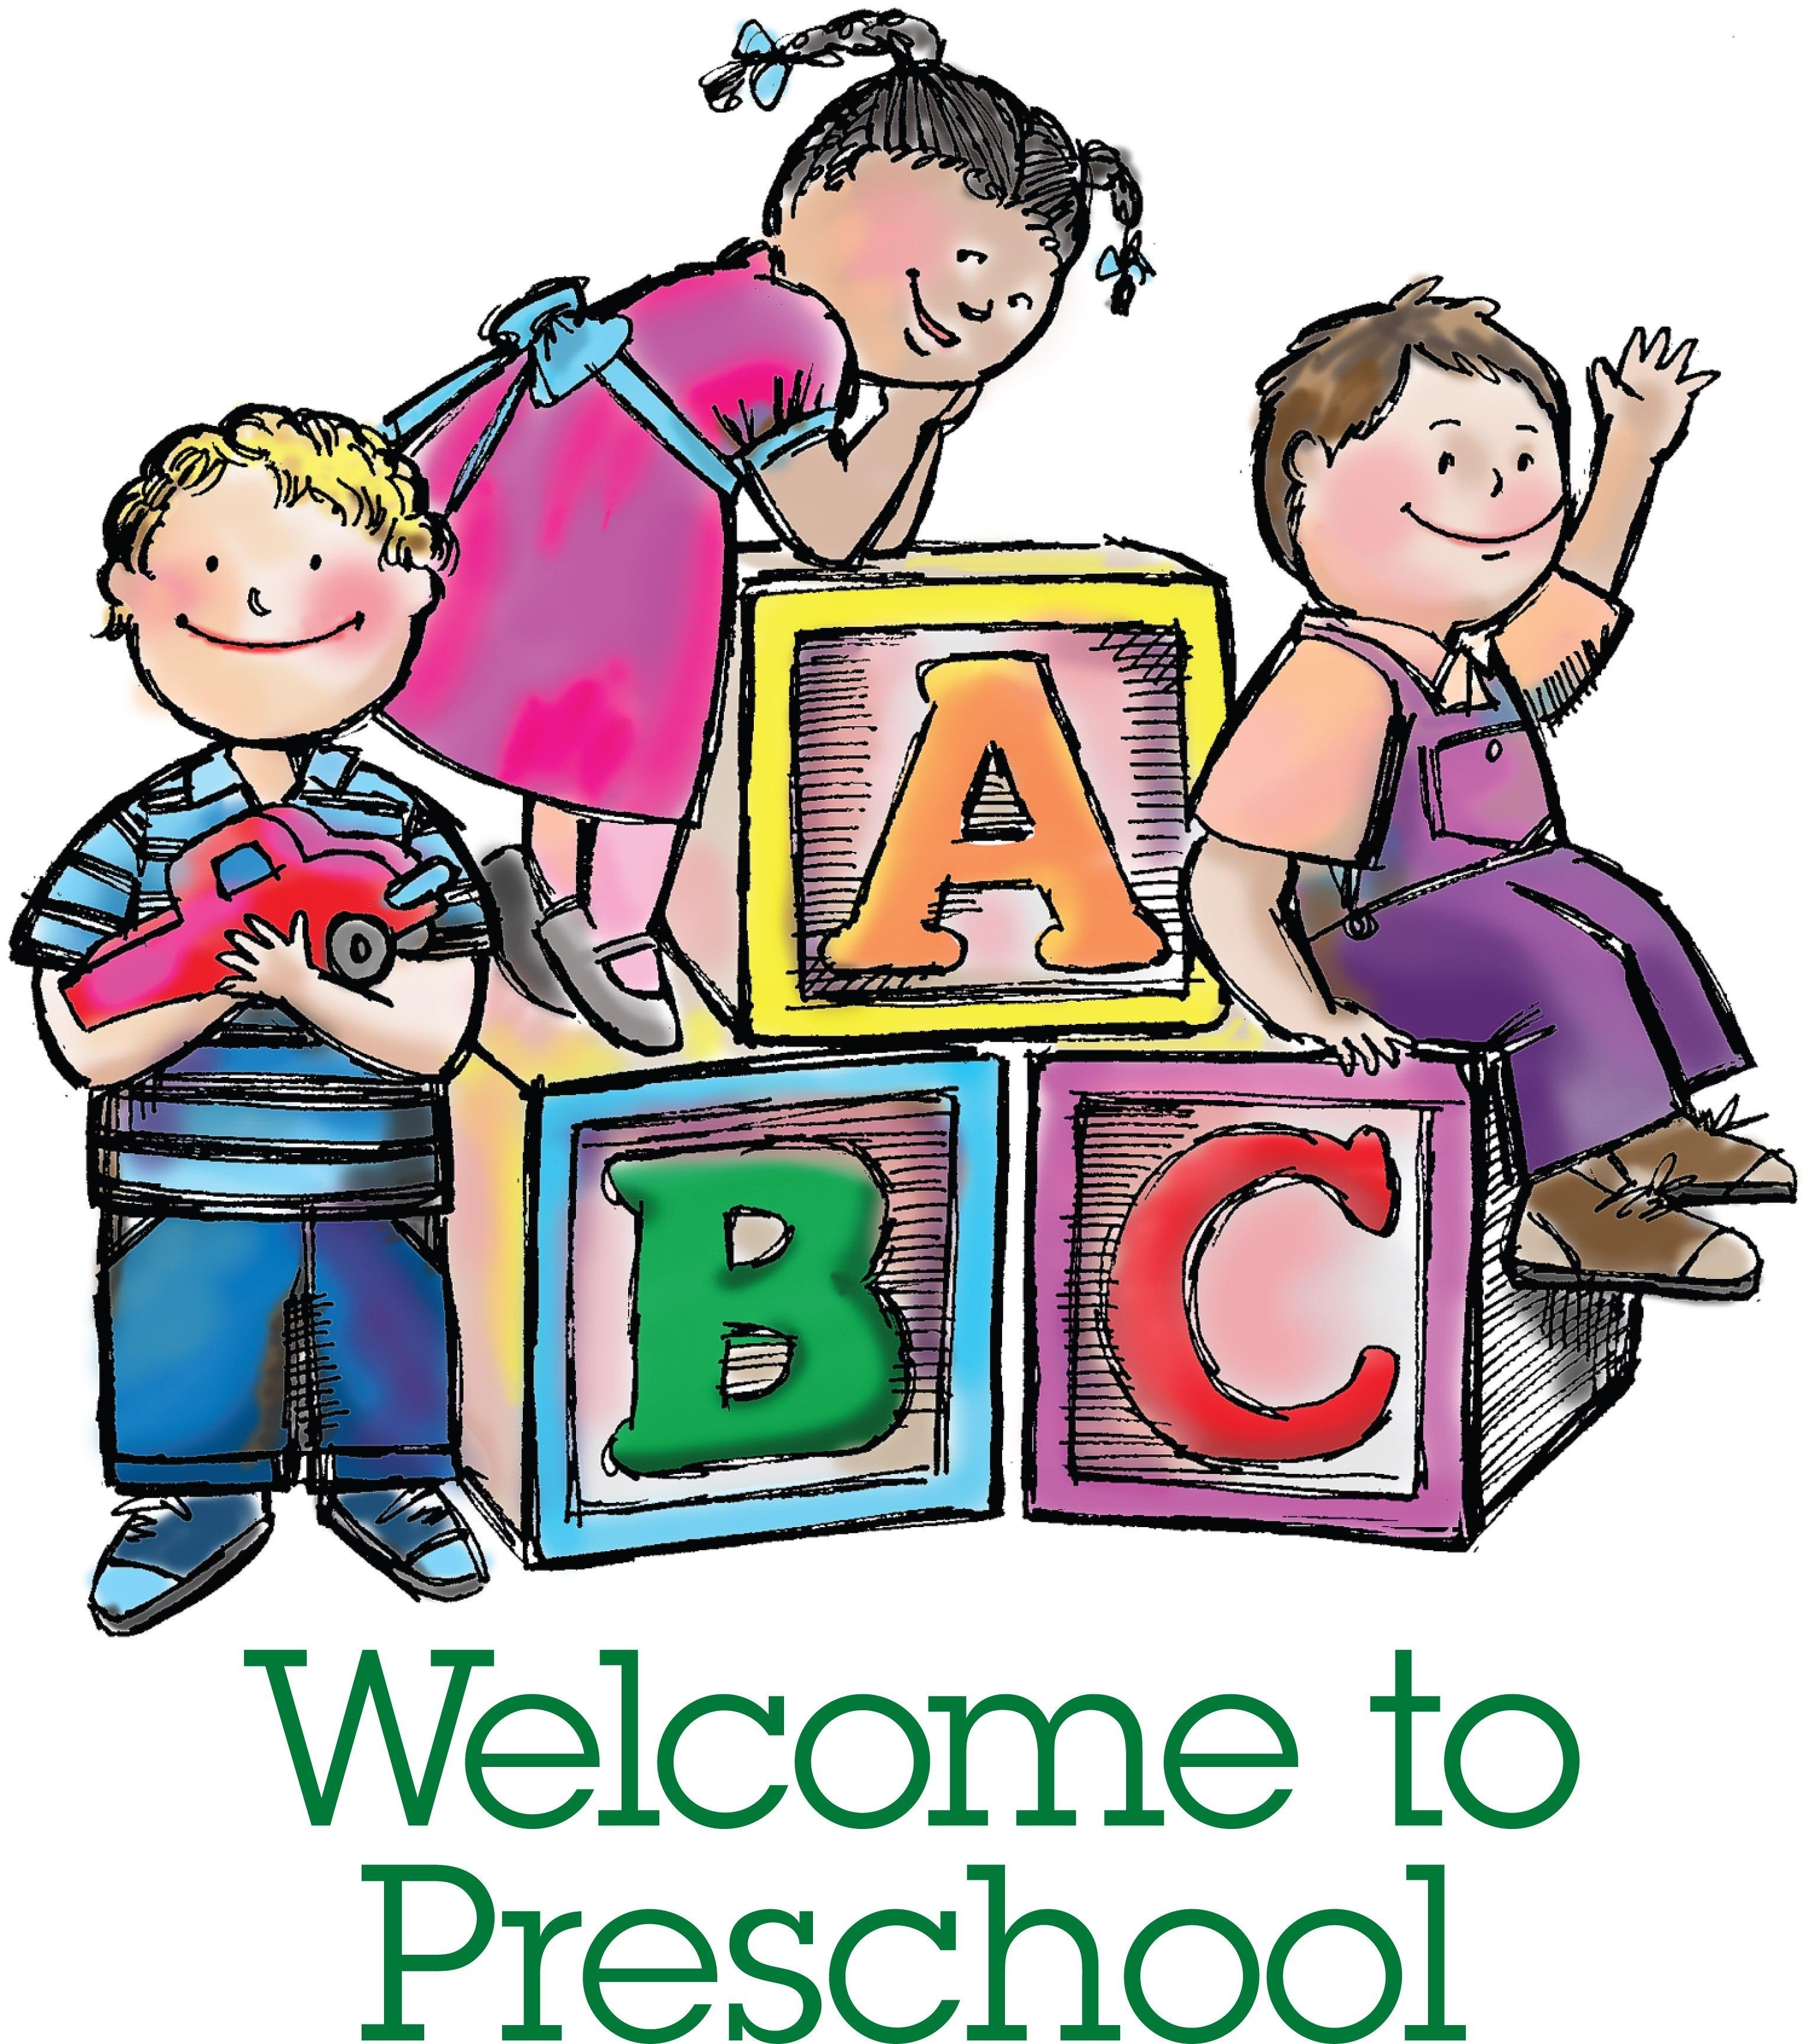 Play School Brochure Templates Unique Free Nursery School Yun Co In Play School Brochure Templates